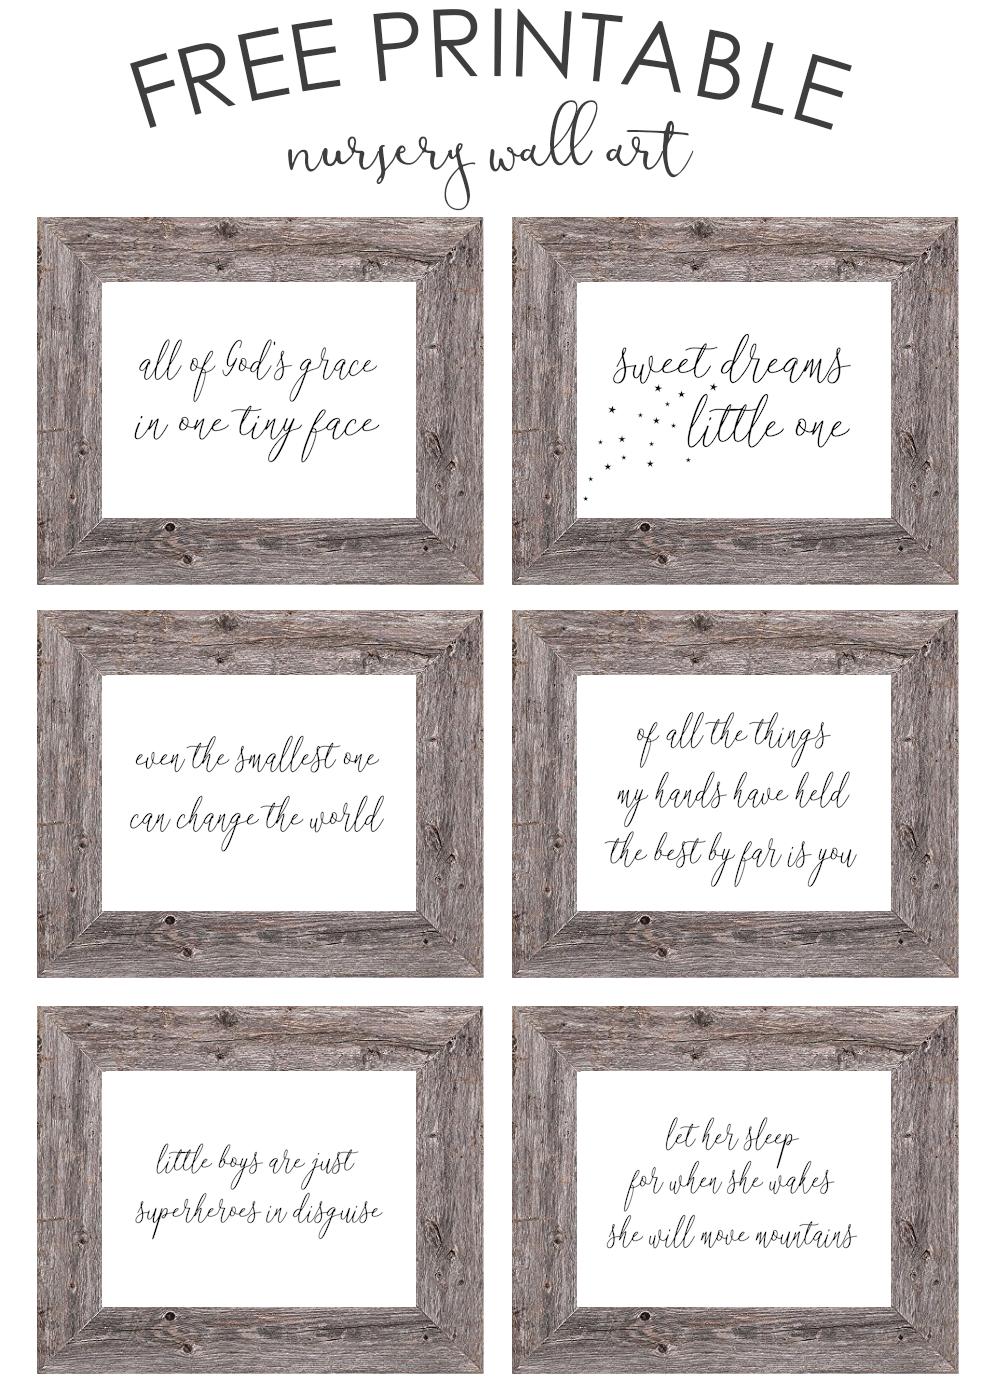 Free Printable Nursery Wall Art - The Girl Creative - Free Printable Wall Art Decor